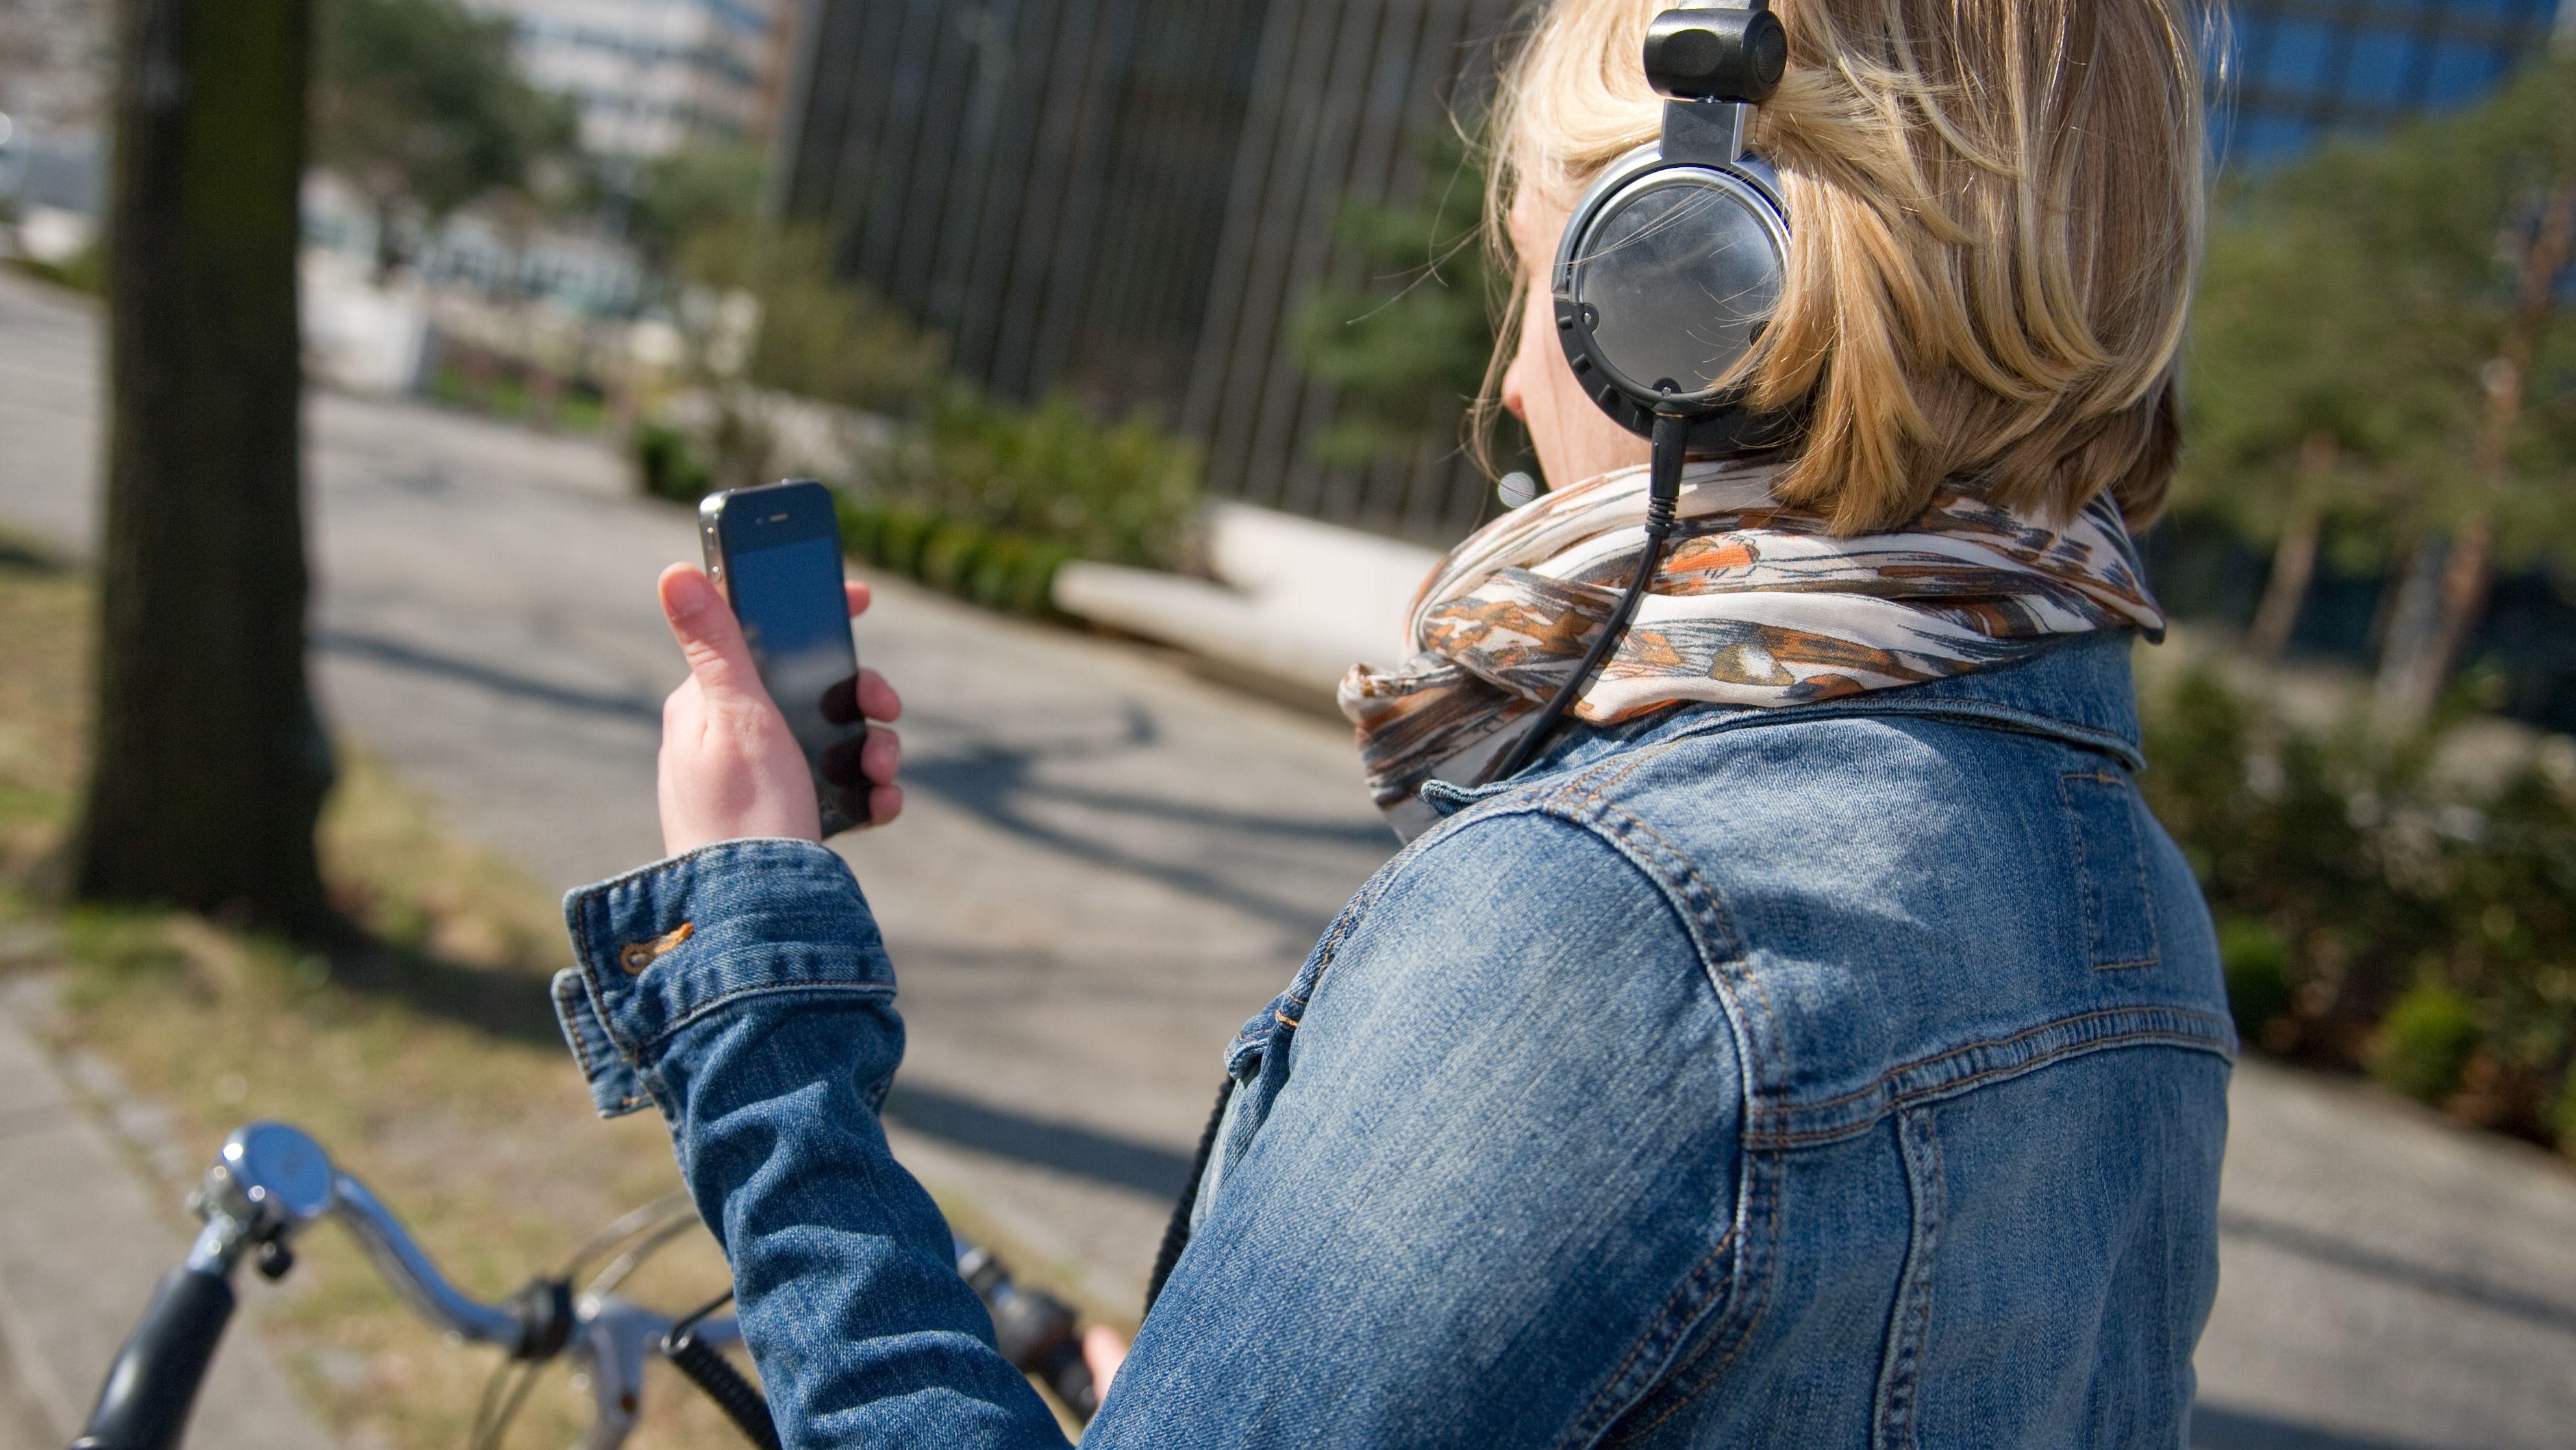 Eine Frau fährt mit Kopfhörern und Smartphone in der Hand auf einem Fahrrad